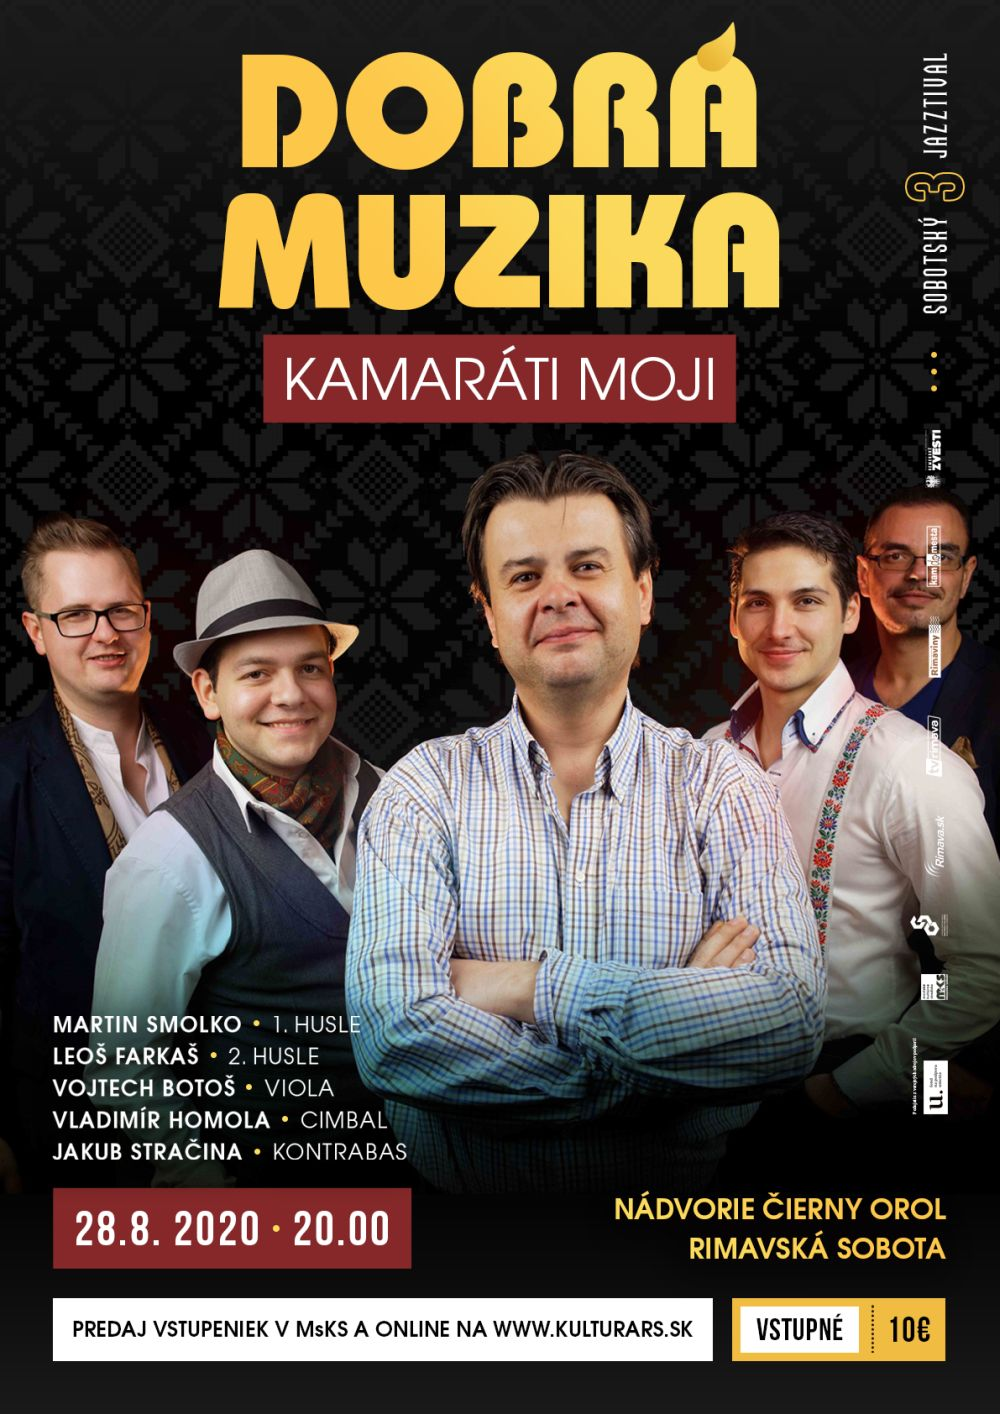 DOBRÁ MUZIKA - koncert @ Nádvorie Čierny orol Rimavská Sobota